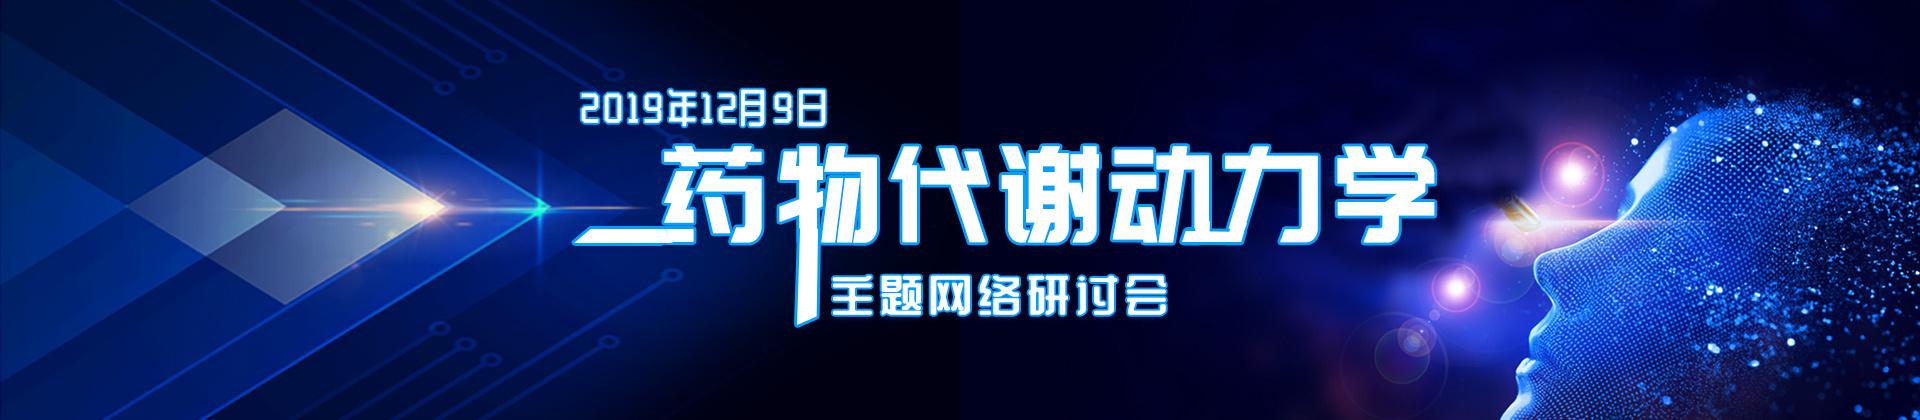 """2019-12-09 14:00 """"药物代谢动力学""""主题网络研讨会"""